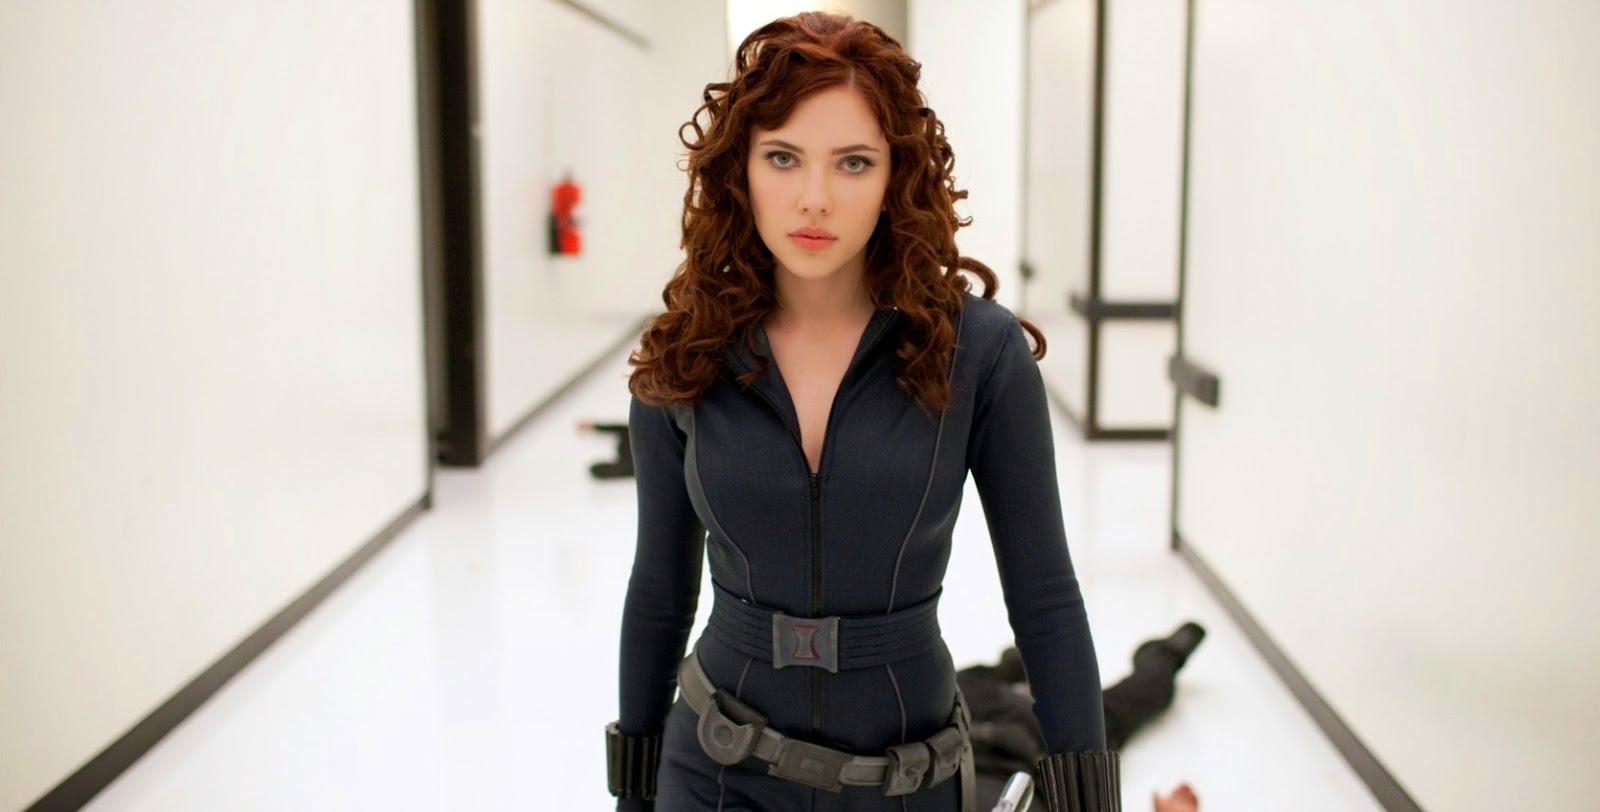 Black Widow Filmi 2020 Yılında mı Vizyona Girecek?